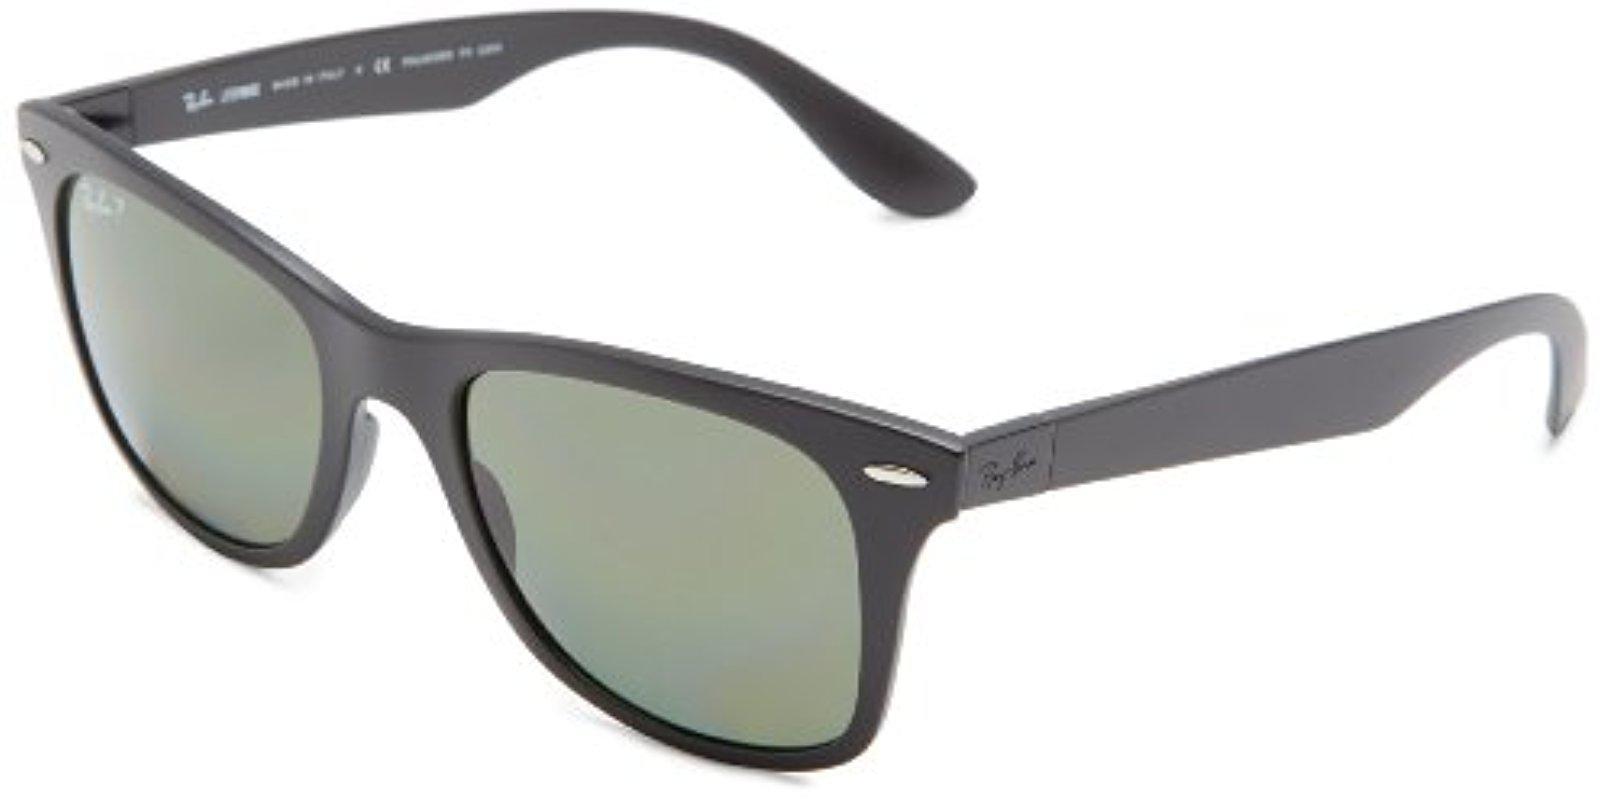 25003a12bf5 Lyst - Ray-Ban Wayfarer Liteforce - Matte Black Frame Polar Green ...